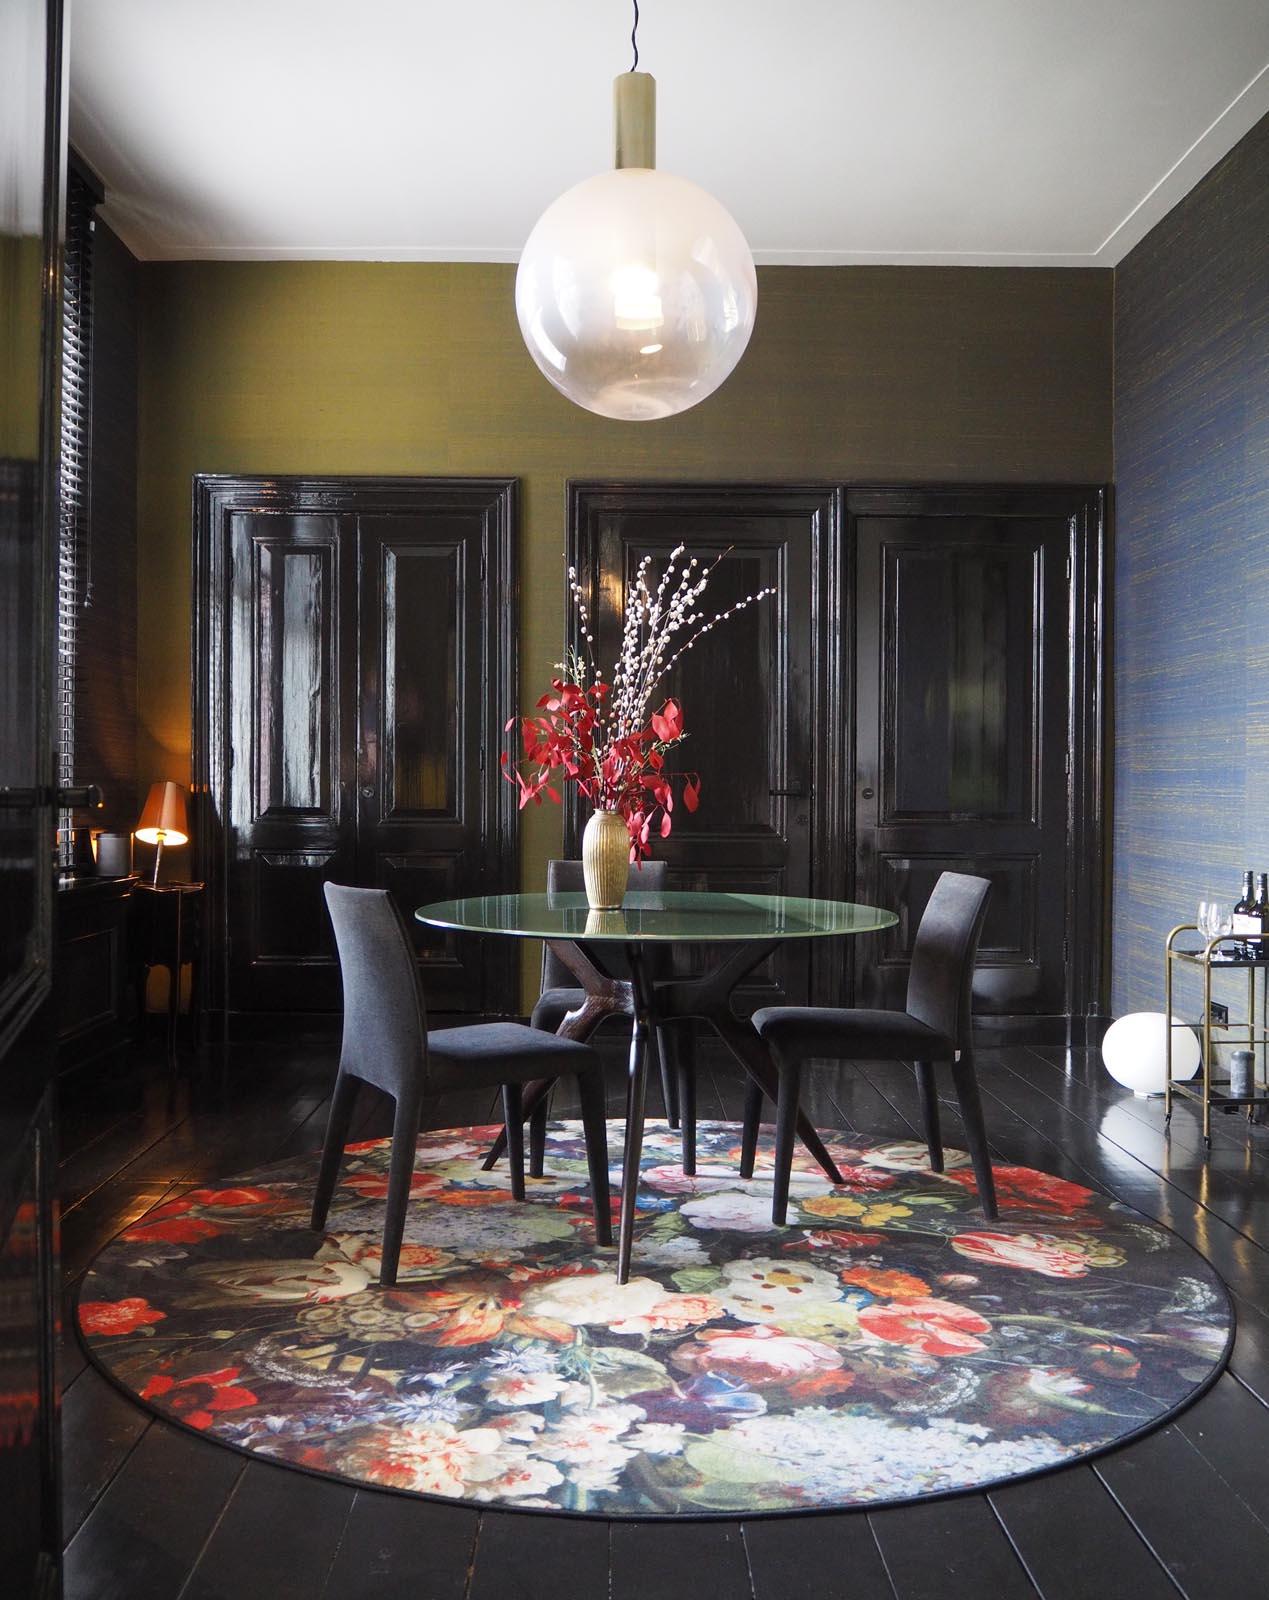 styleroom_moooi_seats_design_luxurious_jeroendenijs